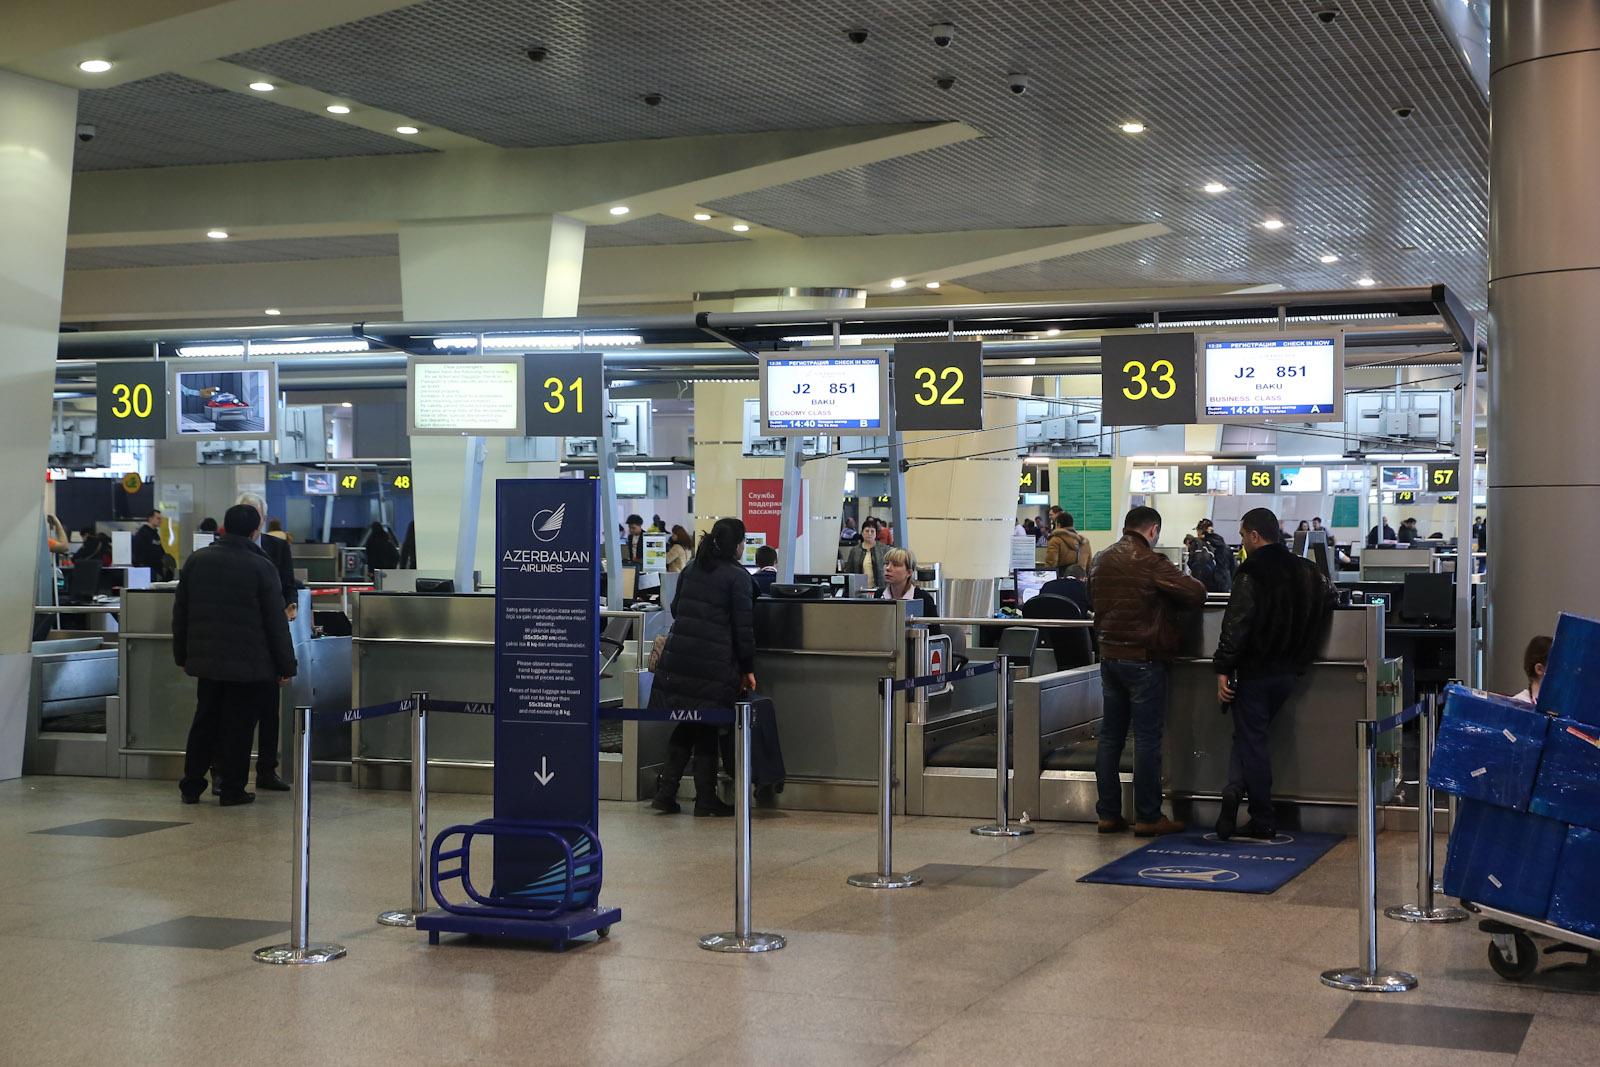 Регистрация на рейсы Азербаджанских авиалиний в аэропорту Домодедово